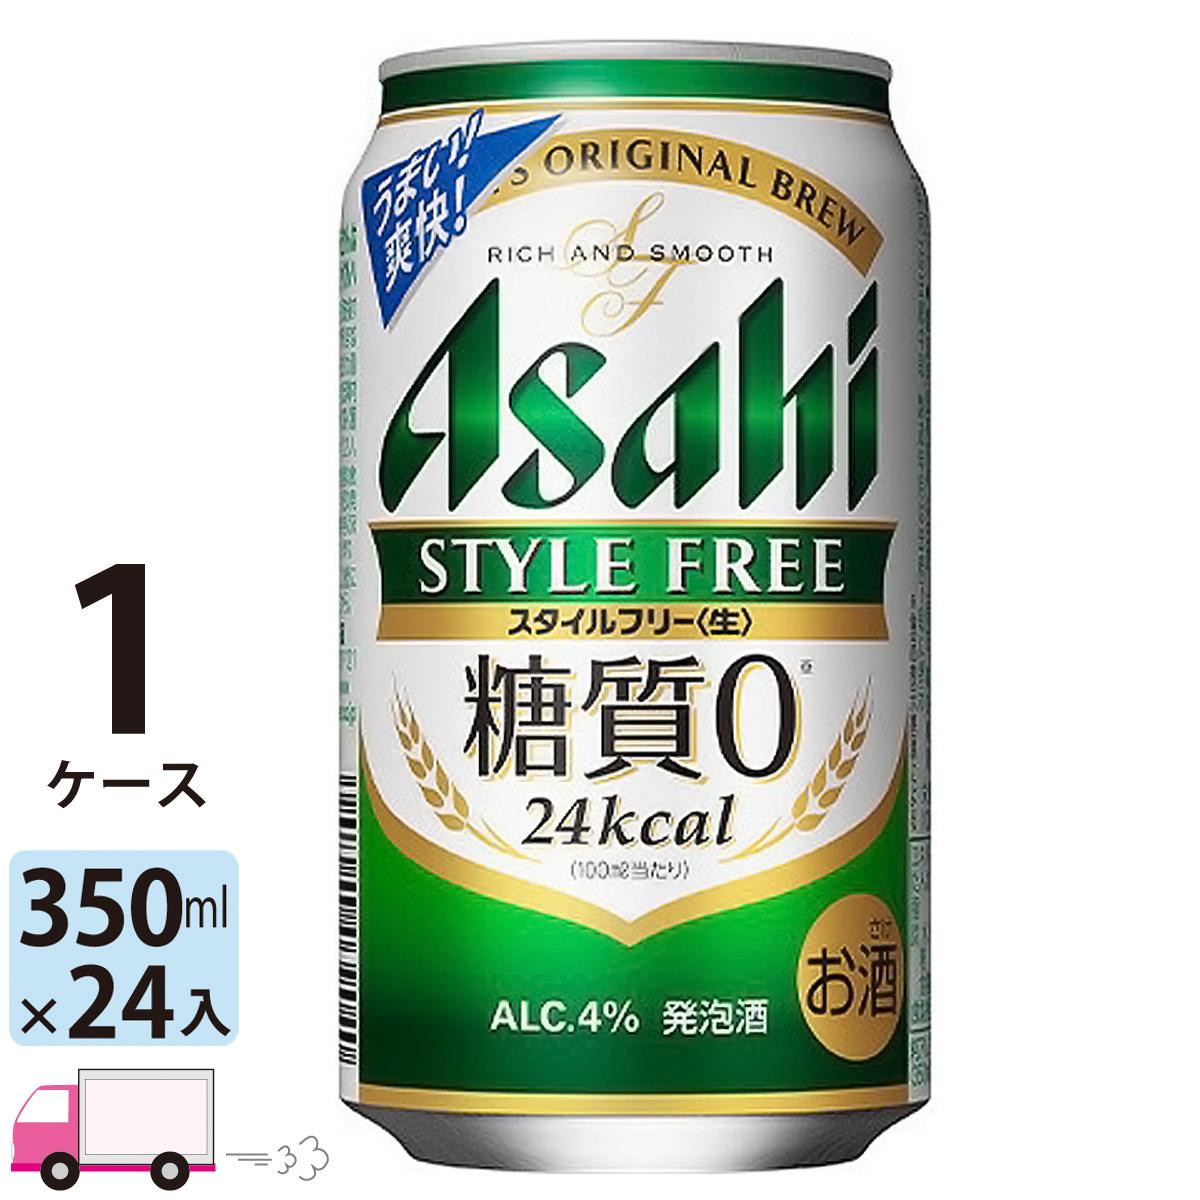 「糖質0」の発泡酒。すっきり爽快な飲みやすさとしっかりした麦の味わいが特長。<生>製法で本格的な飲みごたえ。糖質の気になる方にも嬉しい商品です。 送料無料 アサヒ ビール スタイルフリー 350ml ×24缶入 1ケース (24本)